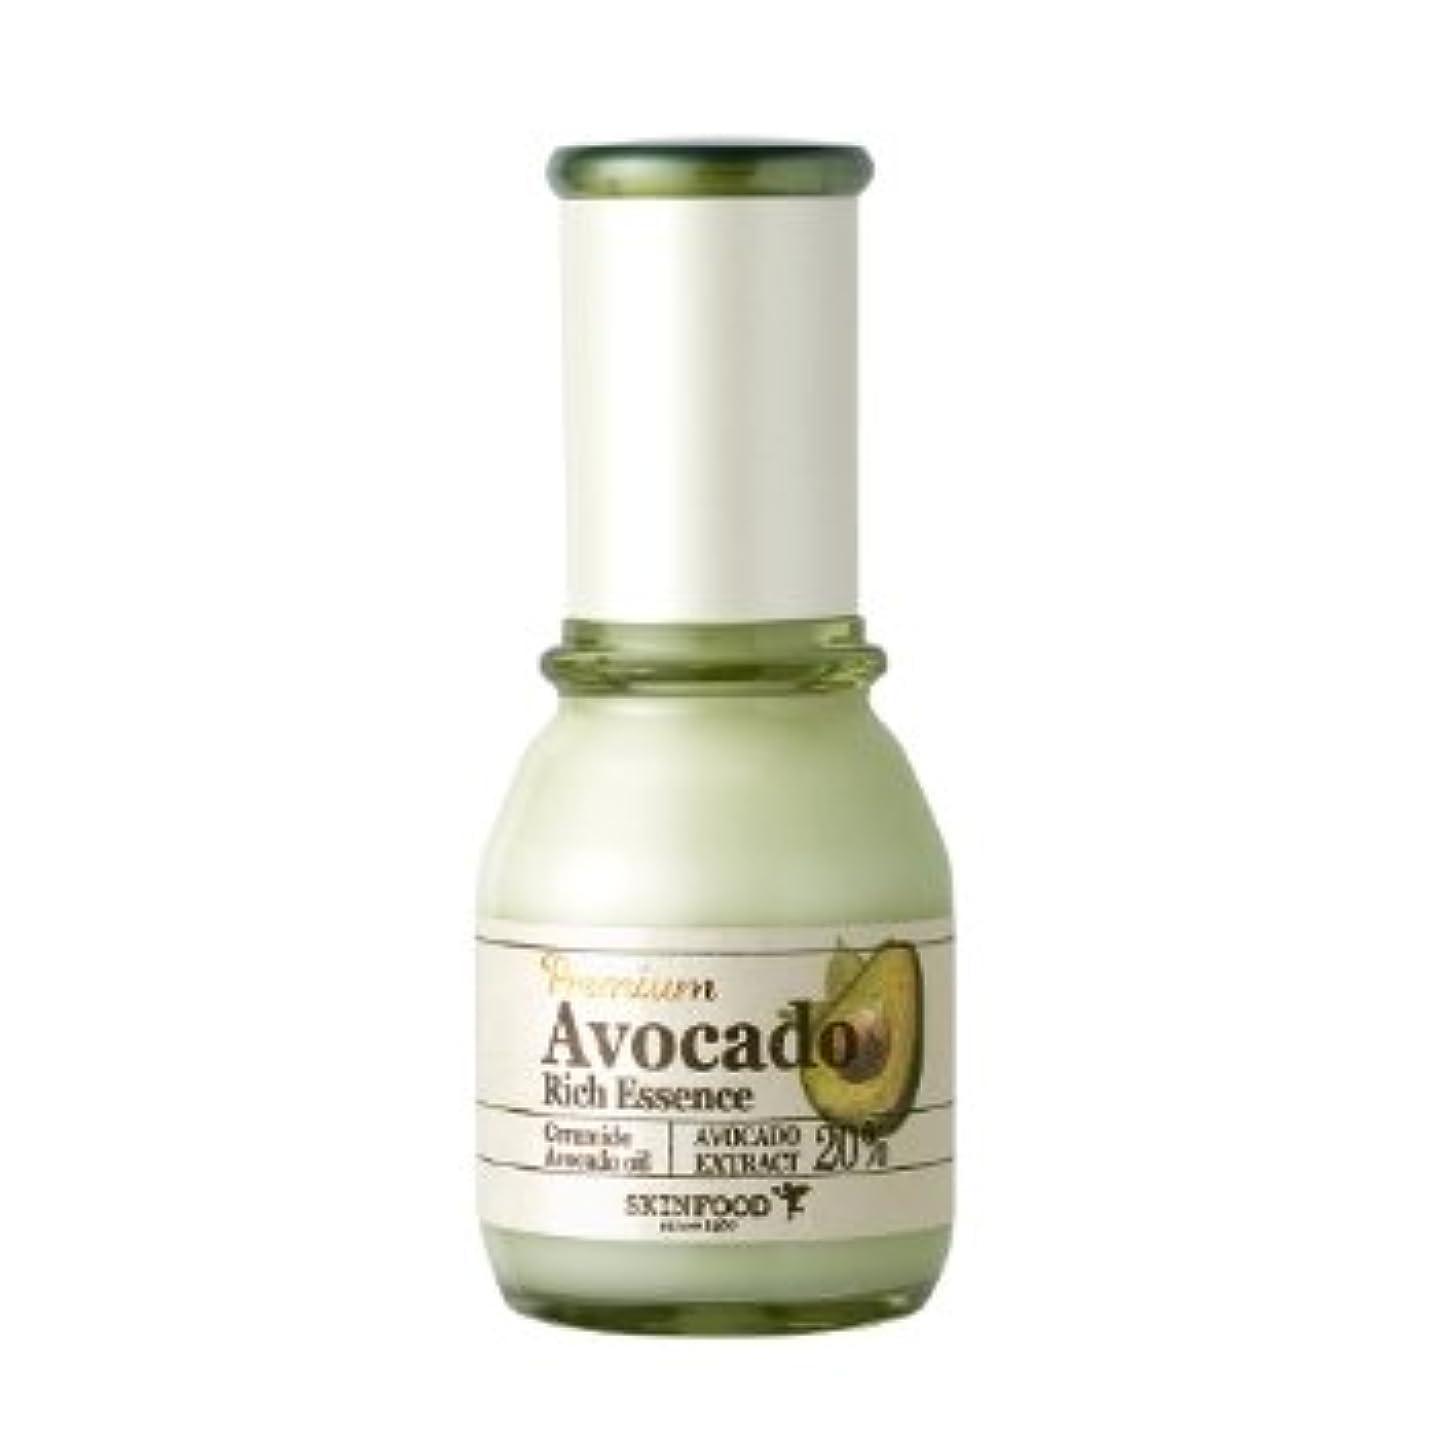 自分のために荒野ガムスキンフード [Skin Food] プレミアム アボカド リーチ エッセンス 50ml / Premium Avocado Rich Essence 海外直送品